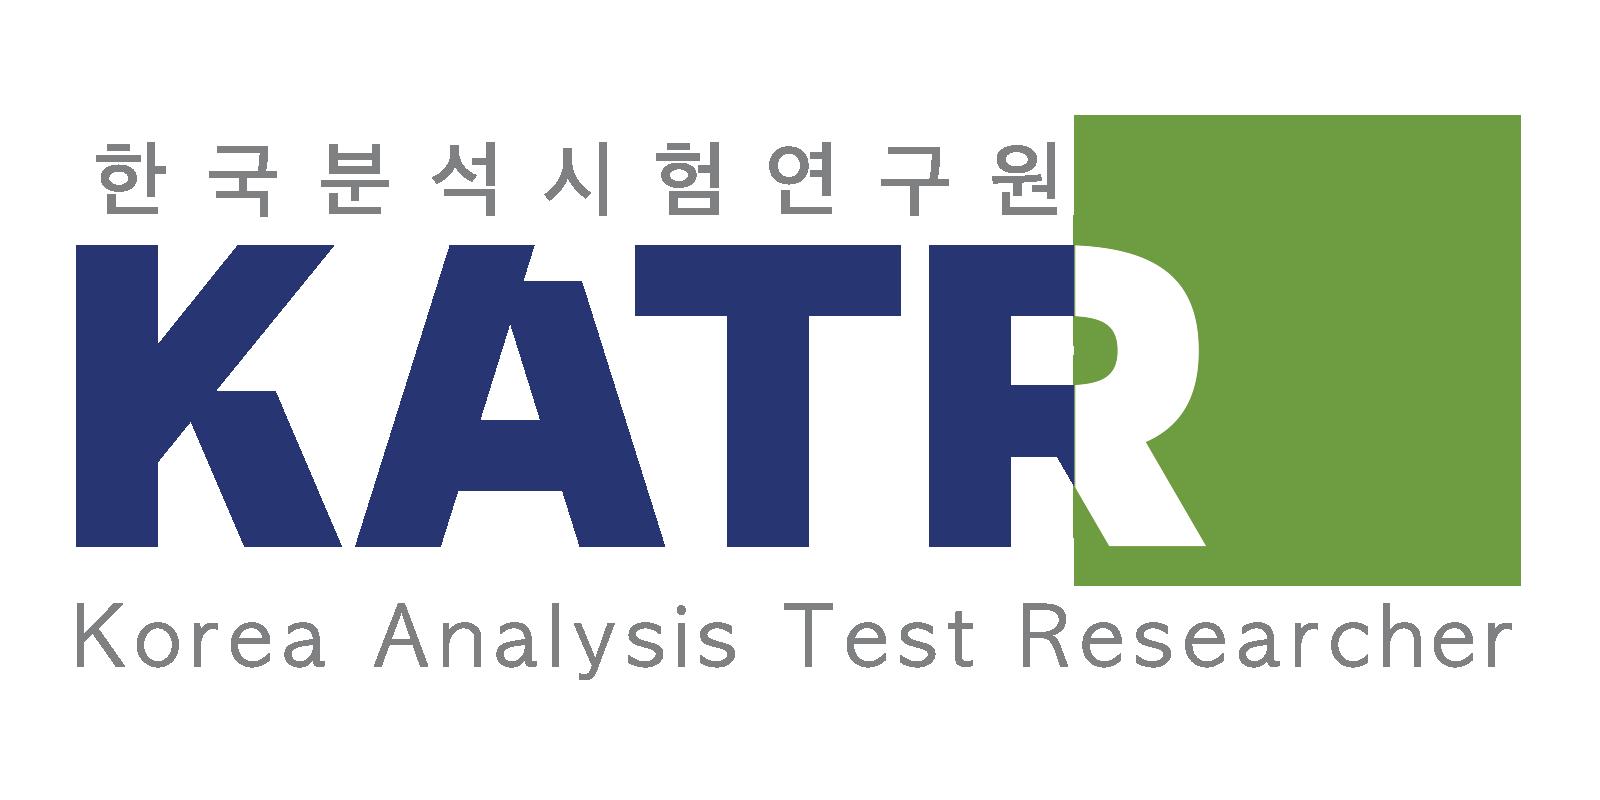 한국분석시험연구원(주)의 기업로고